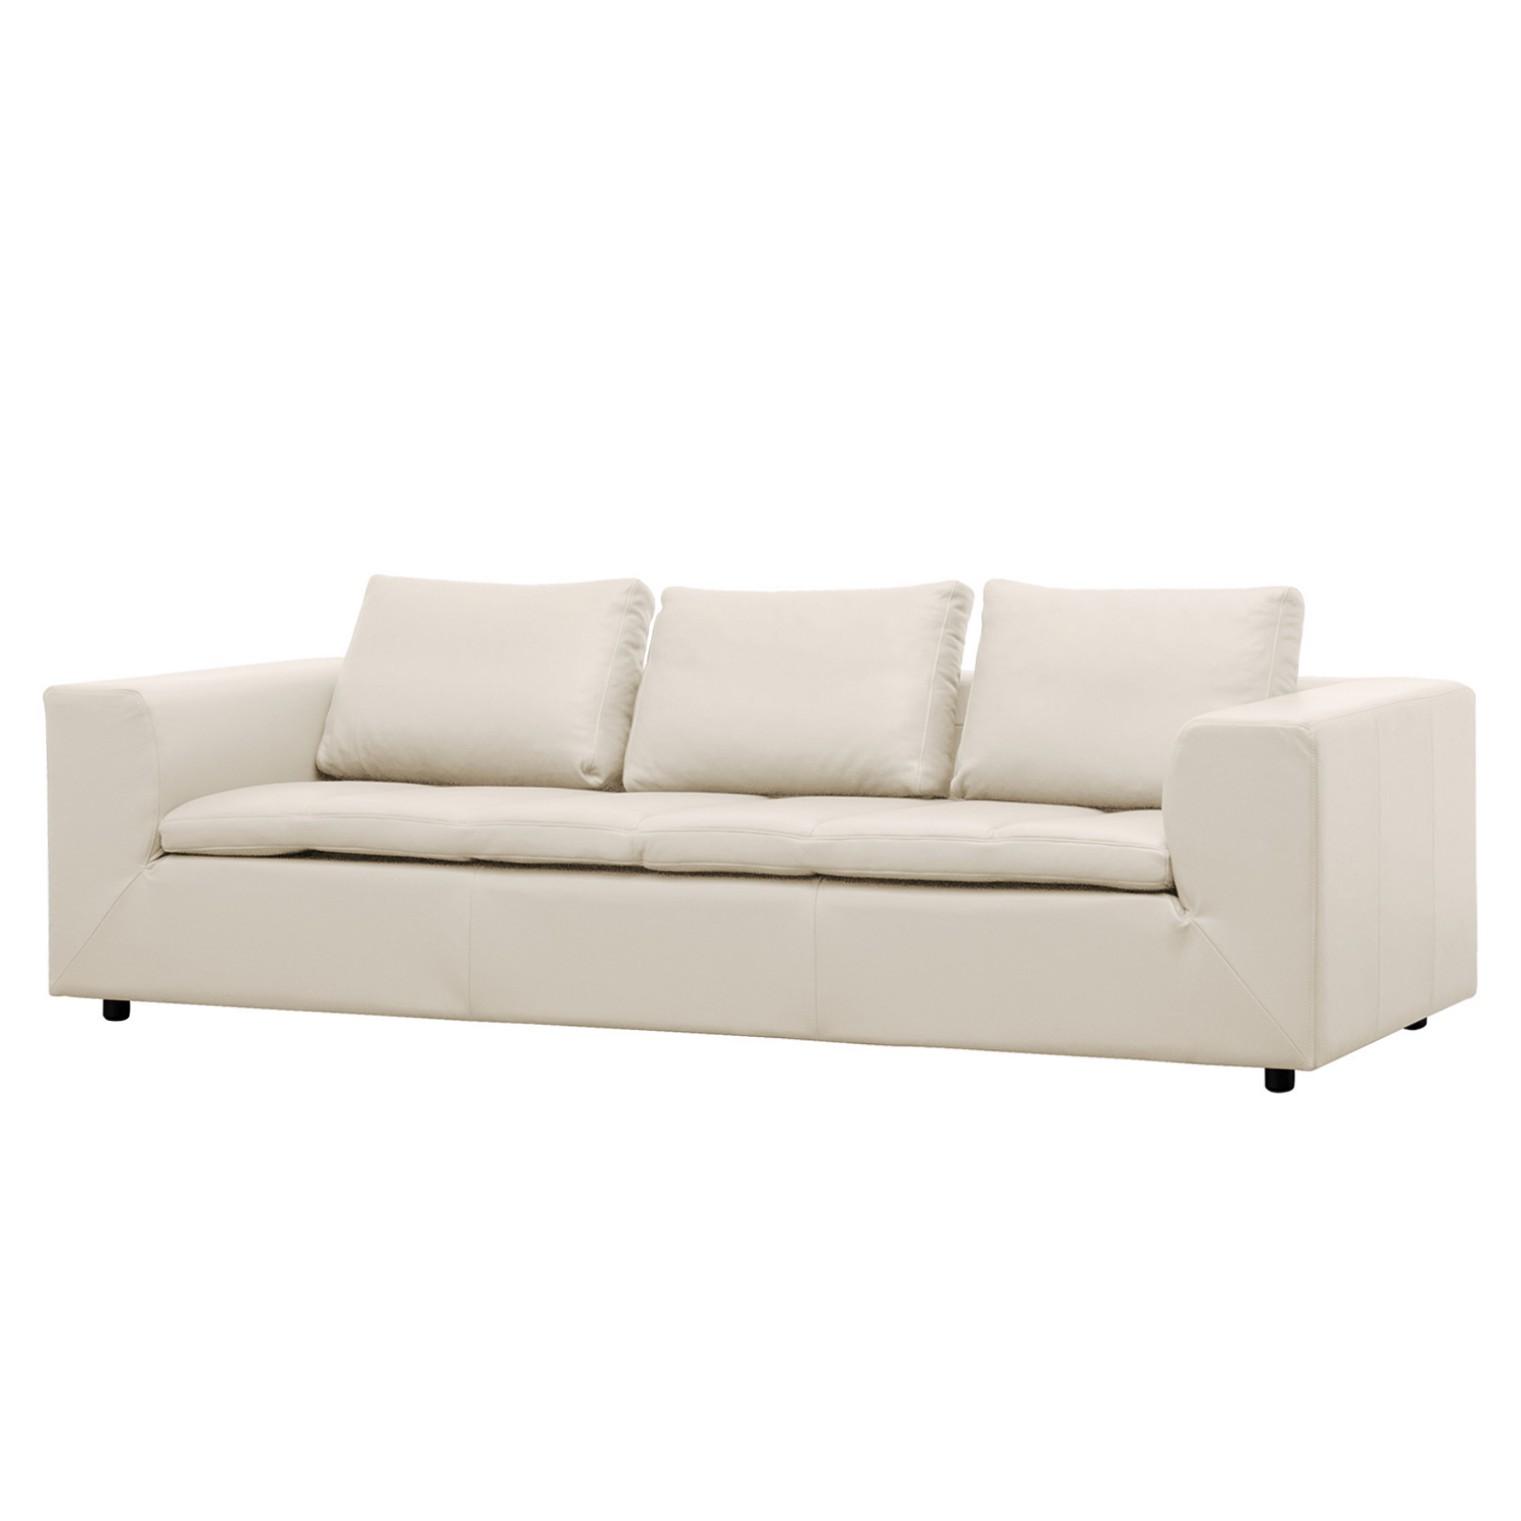 Sofa Brooklyn (3-Sitzer) Echtleder - Echtleder Neka Creme